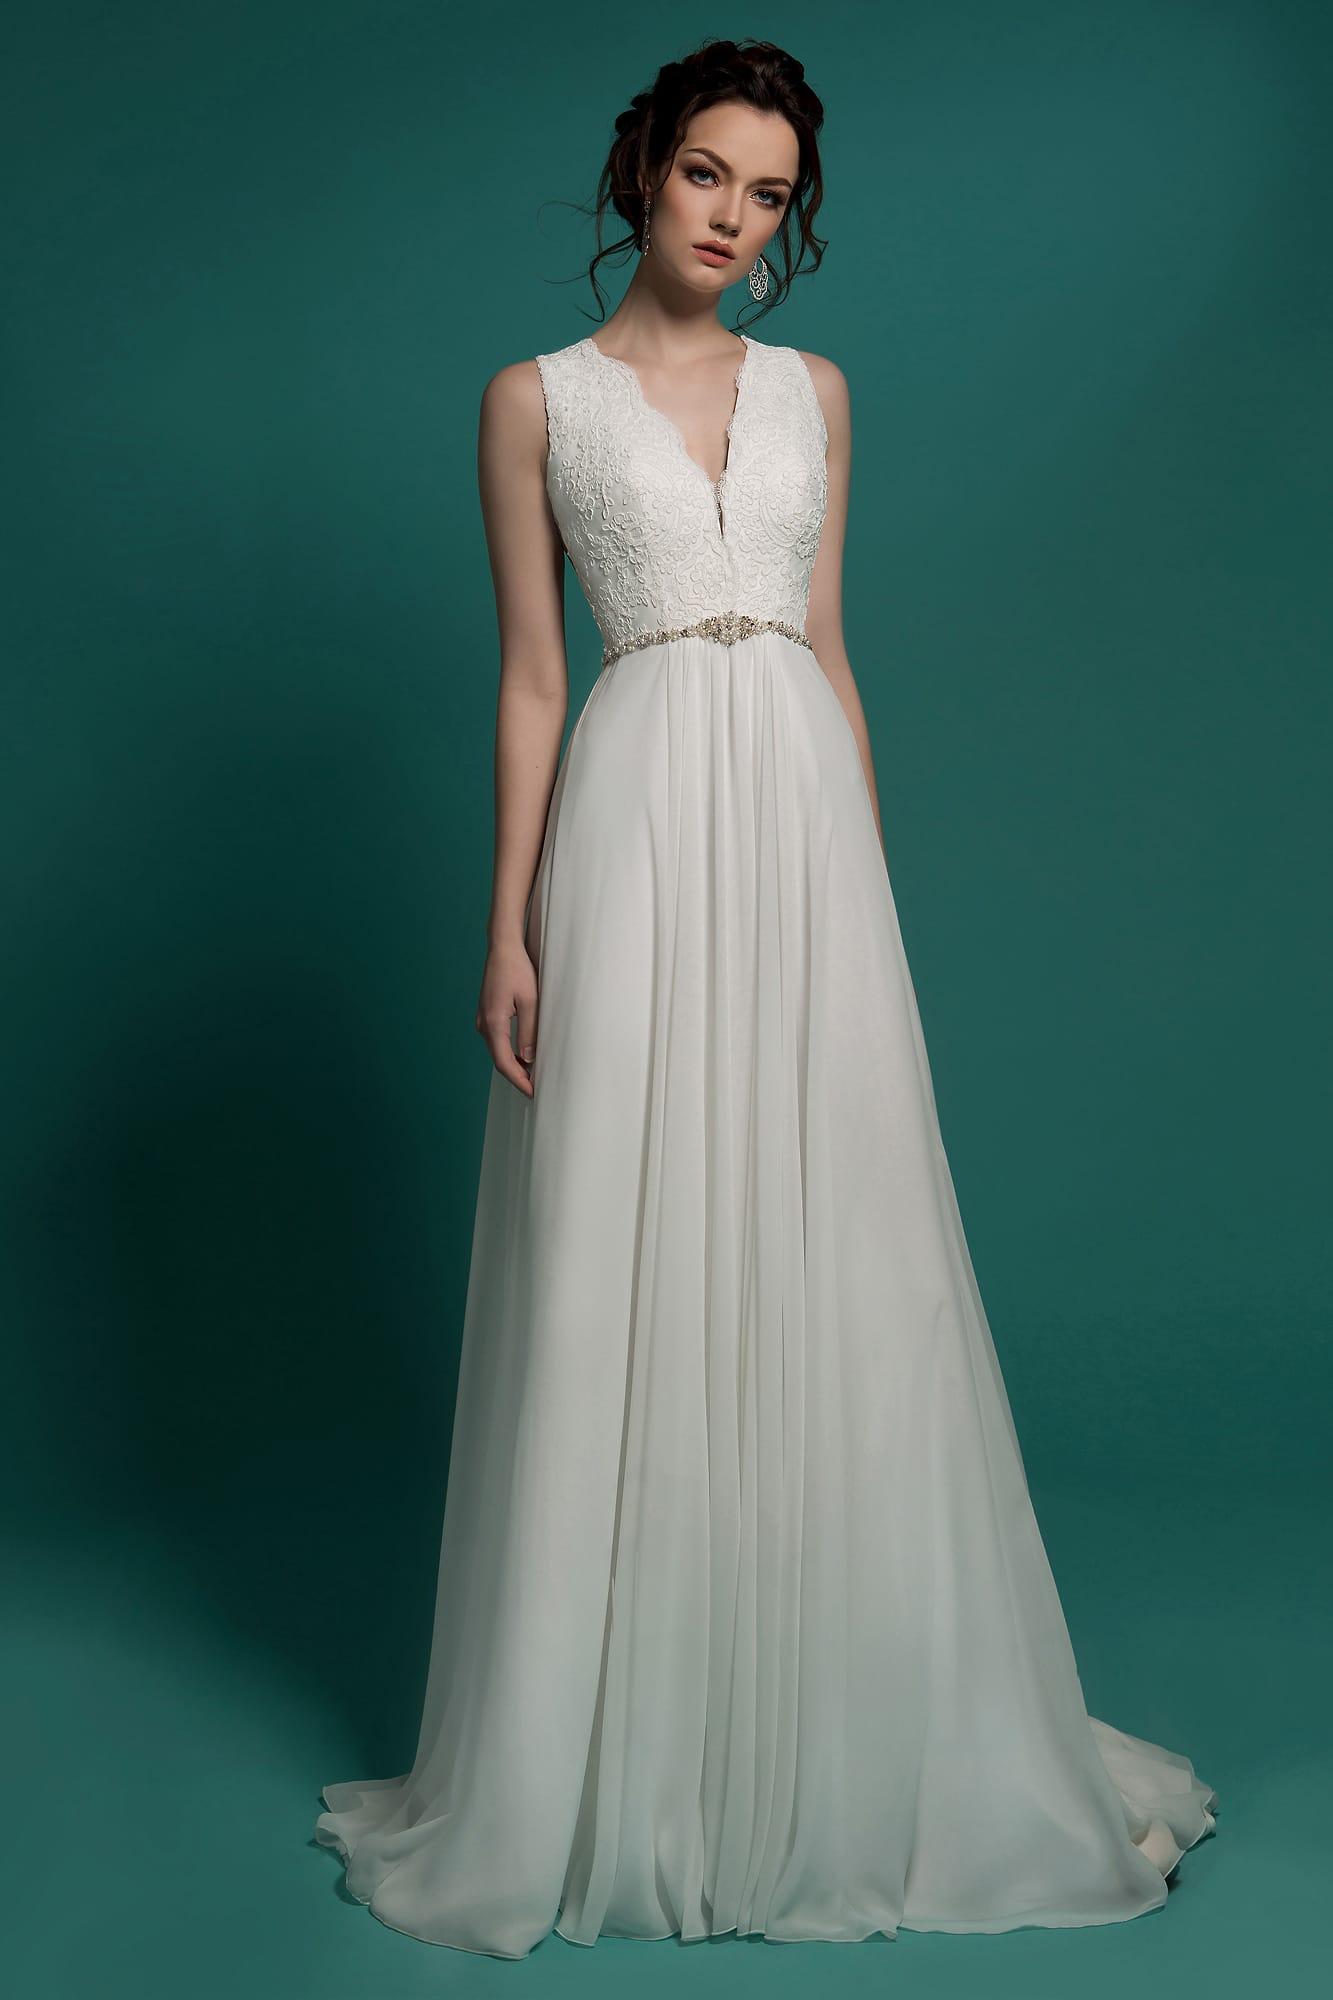 Где Купить Свадебное Платье Недорого